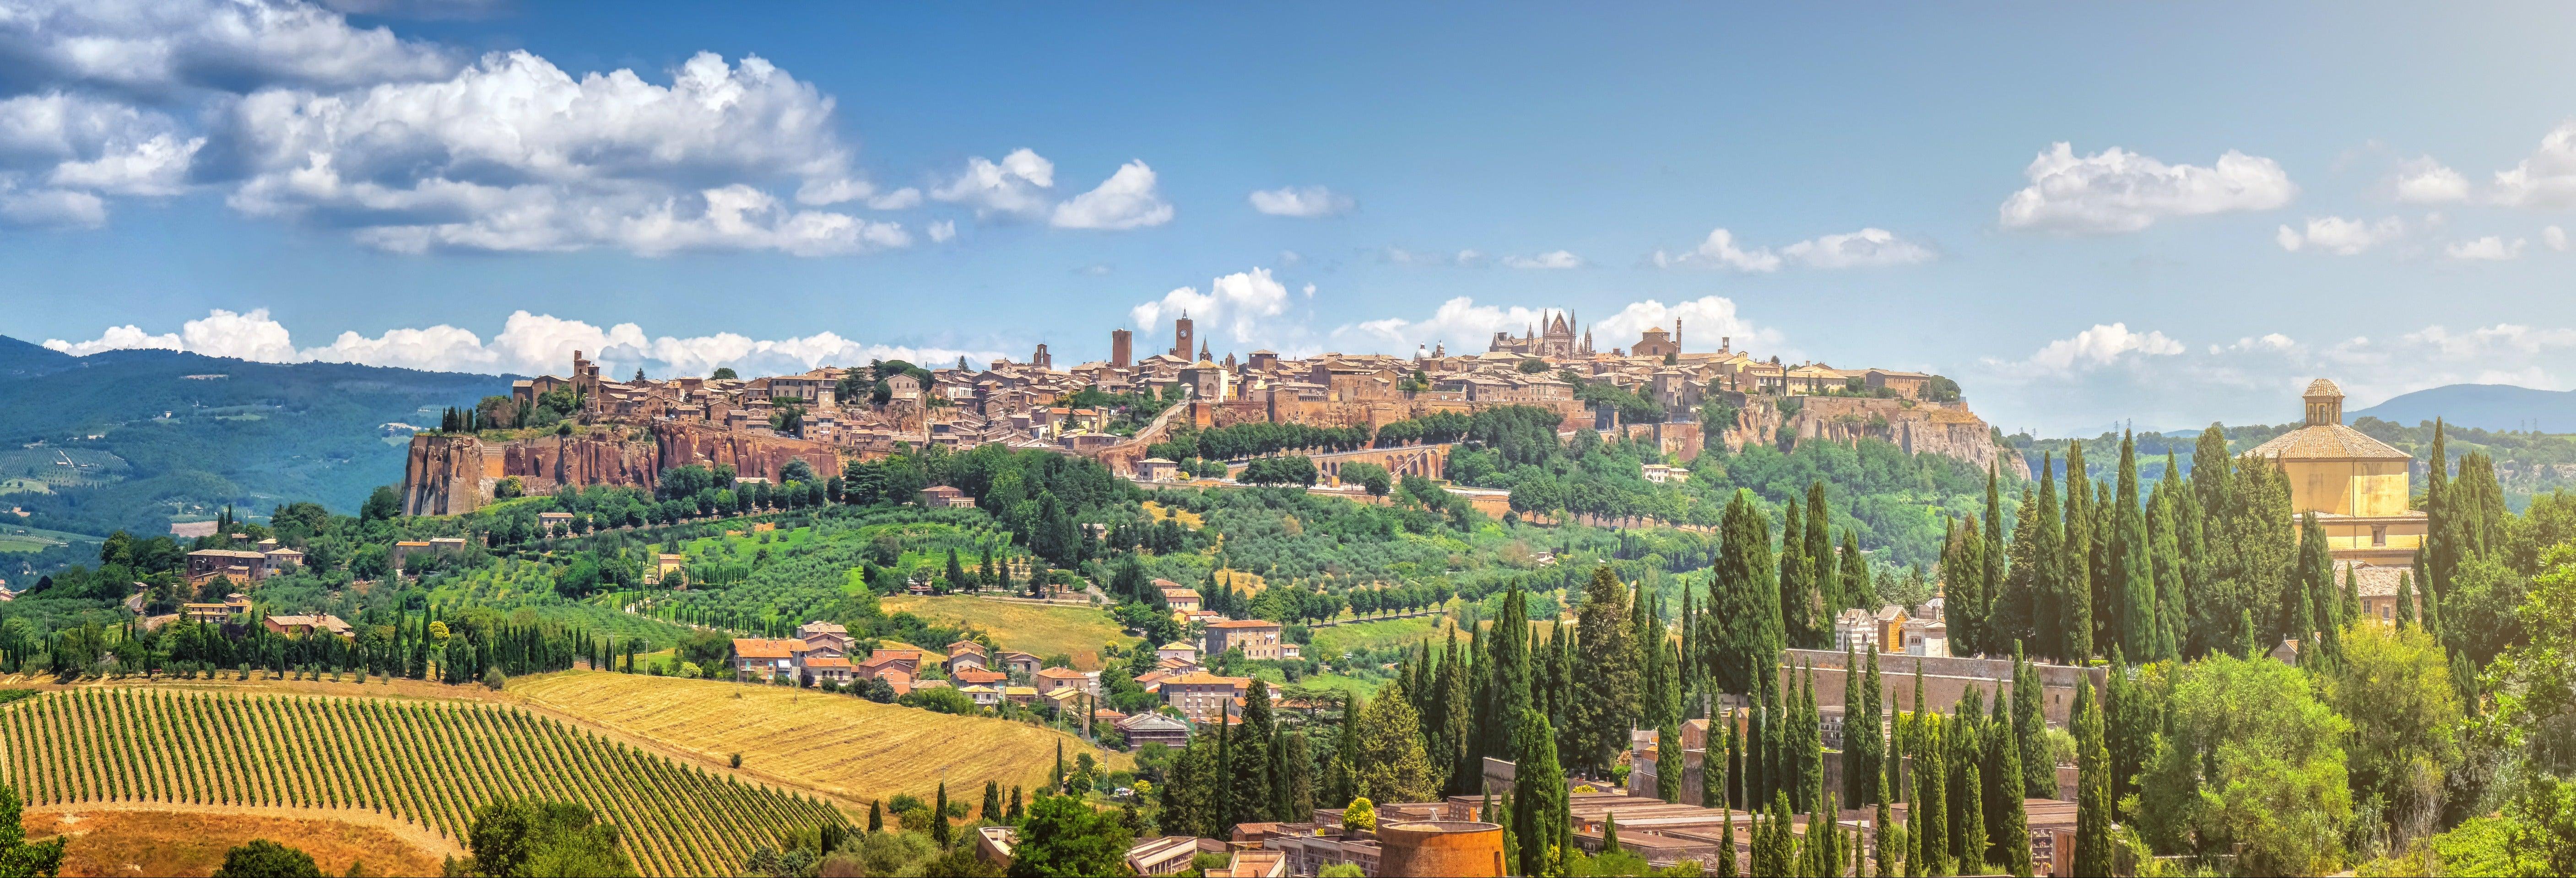 Excursão a Orvieto e Assis